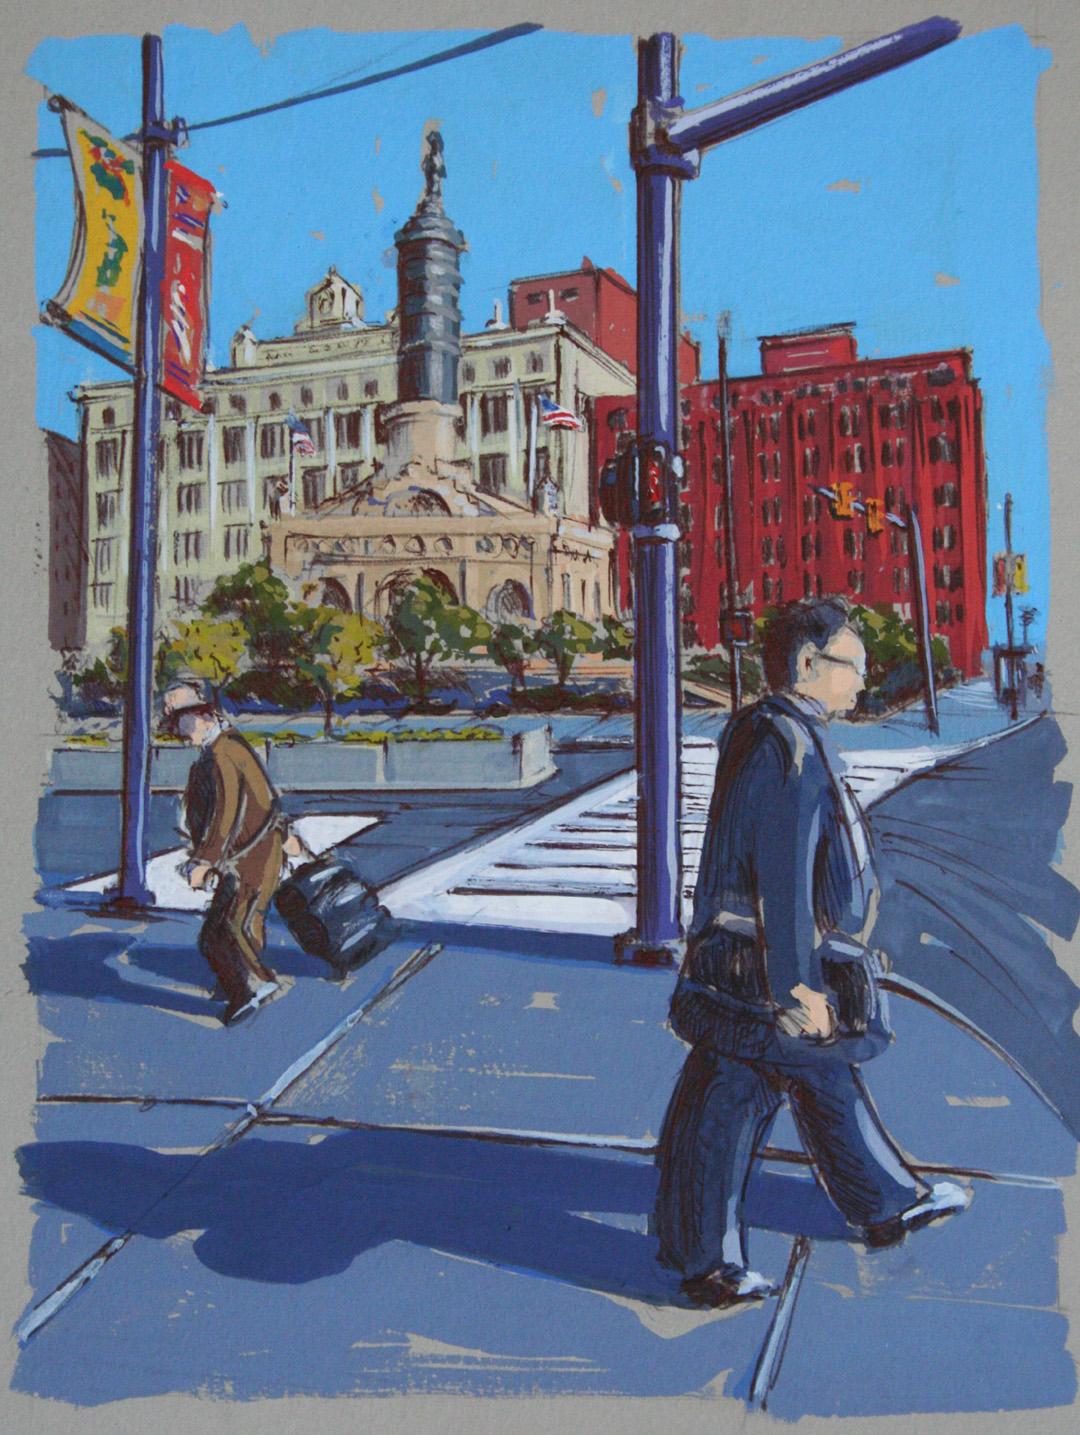 ColorStudy-Two Suits, Public Square.jpg